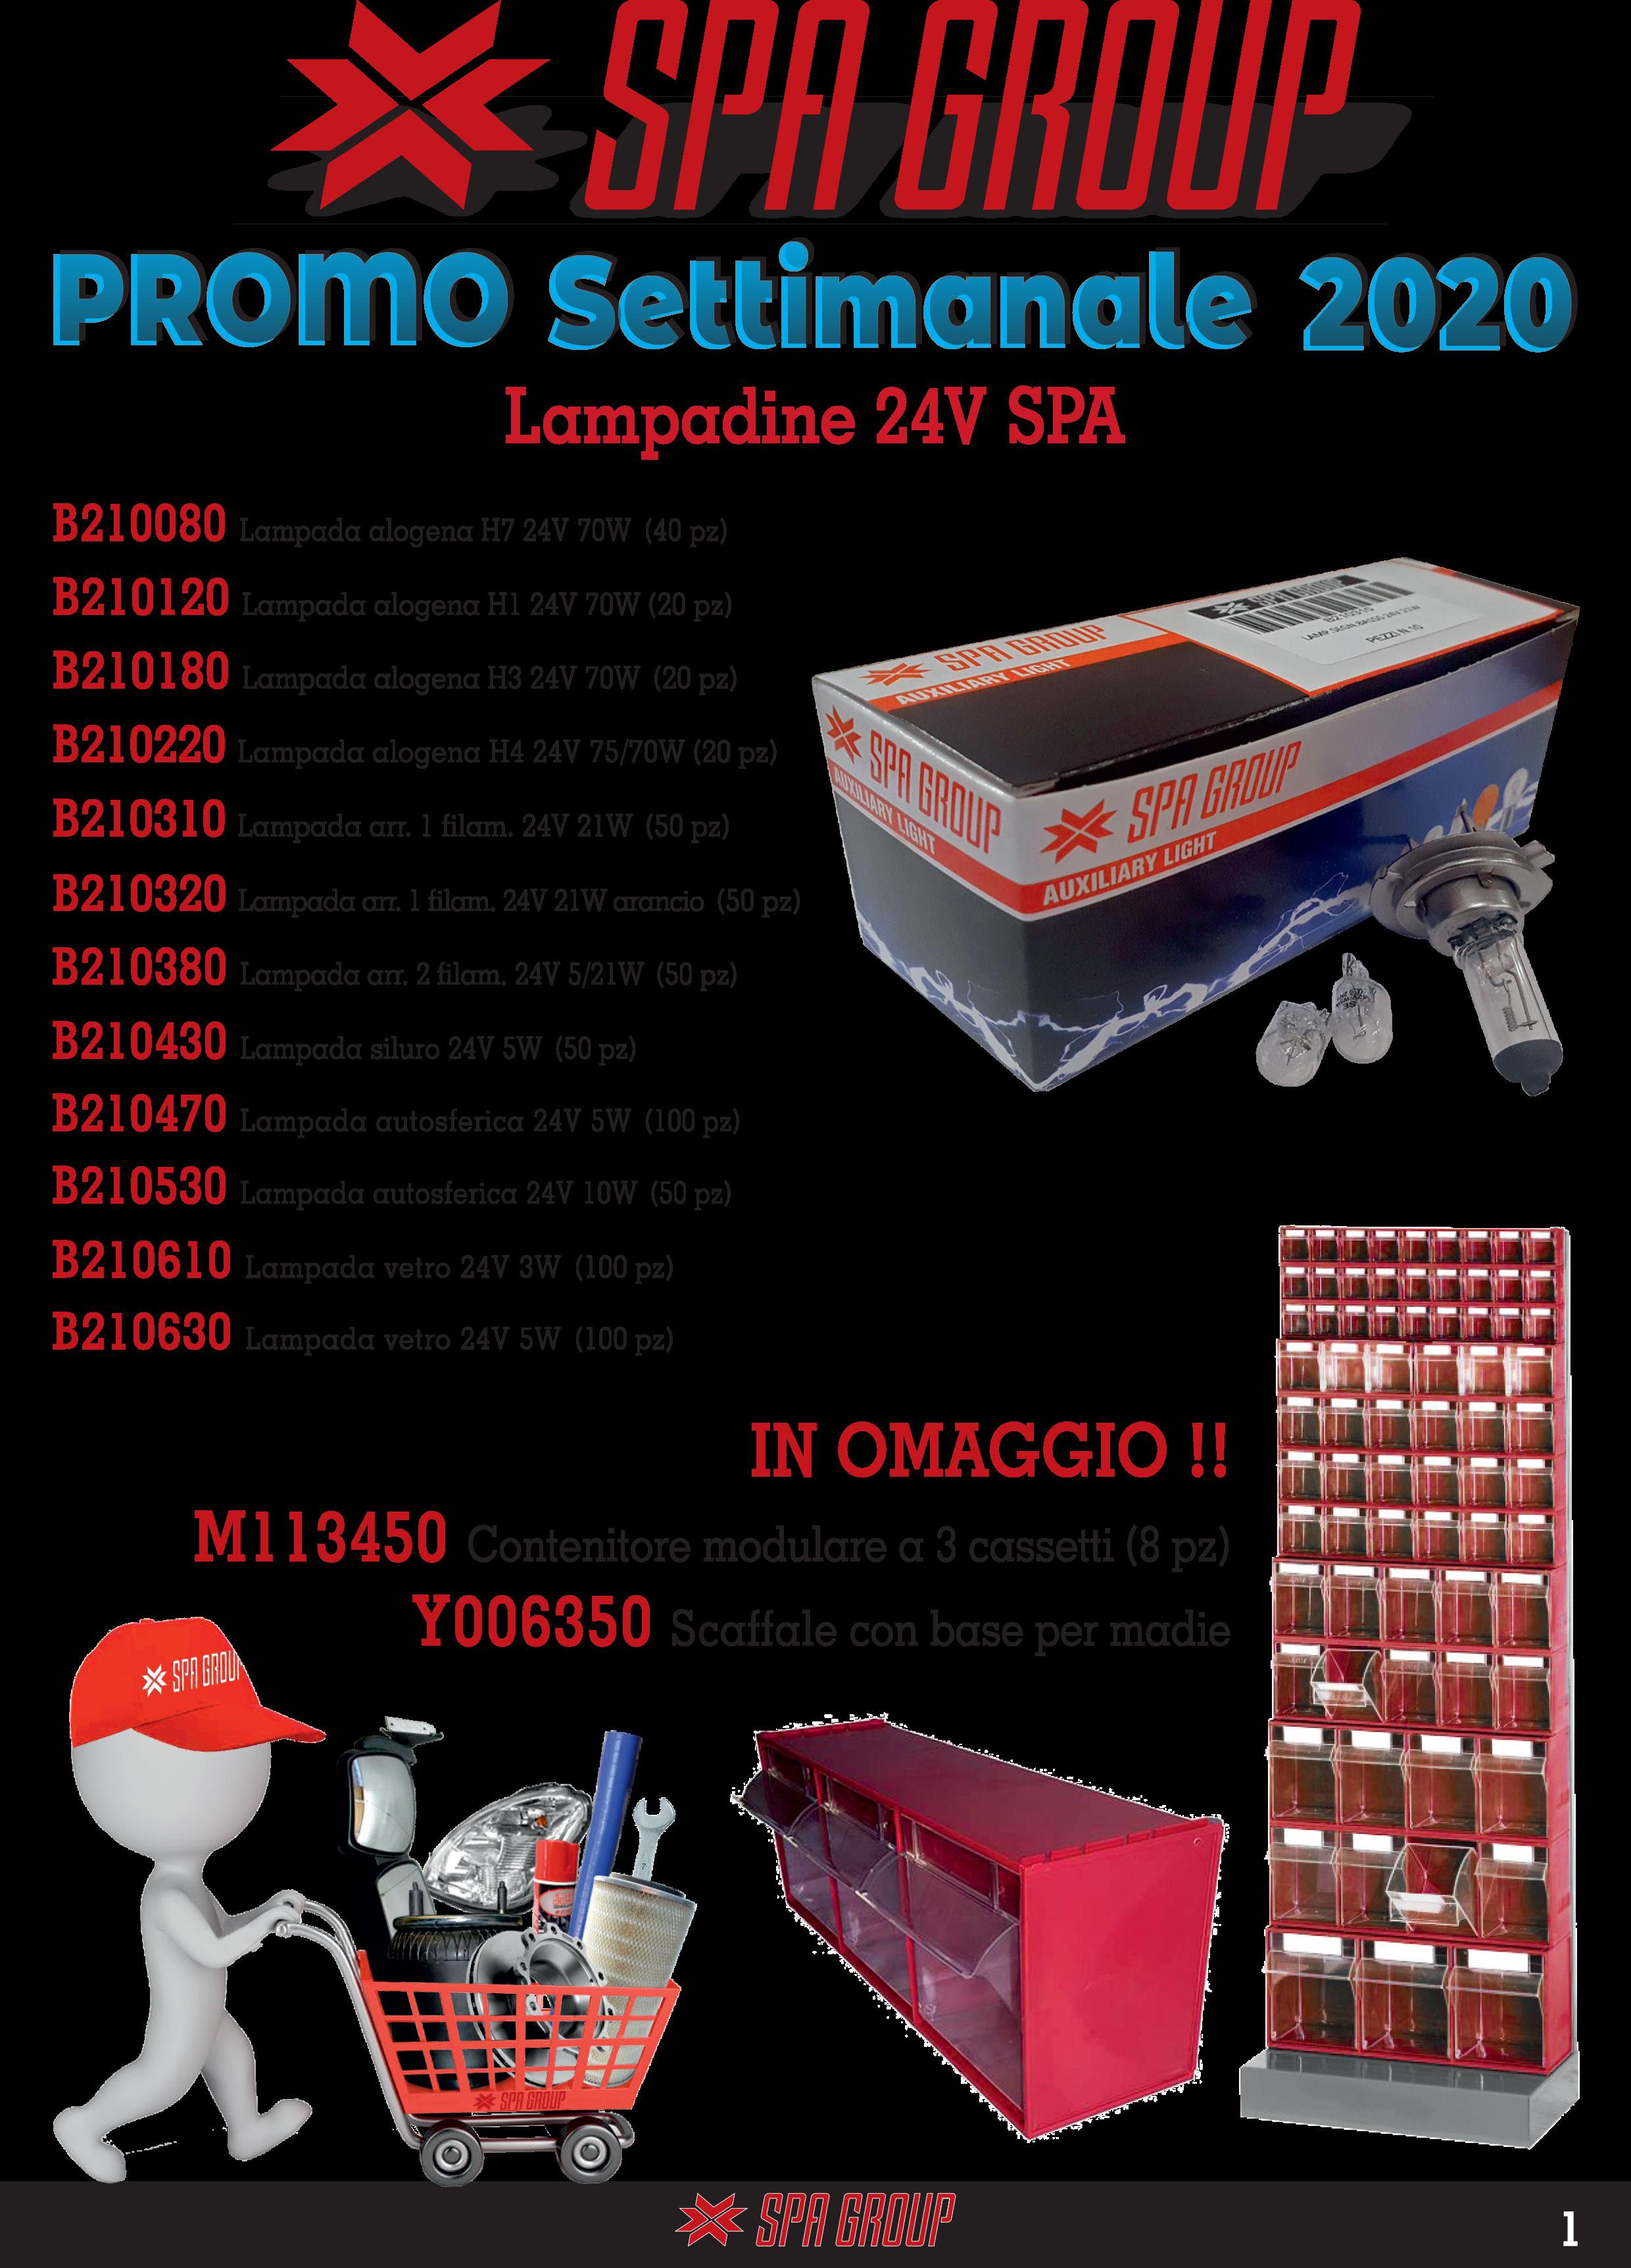 Promo Lampadine 24V SPA 2020